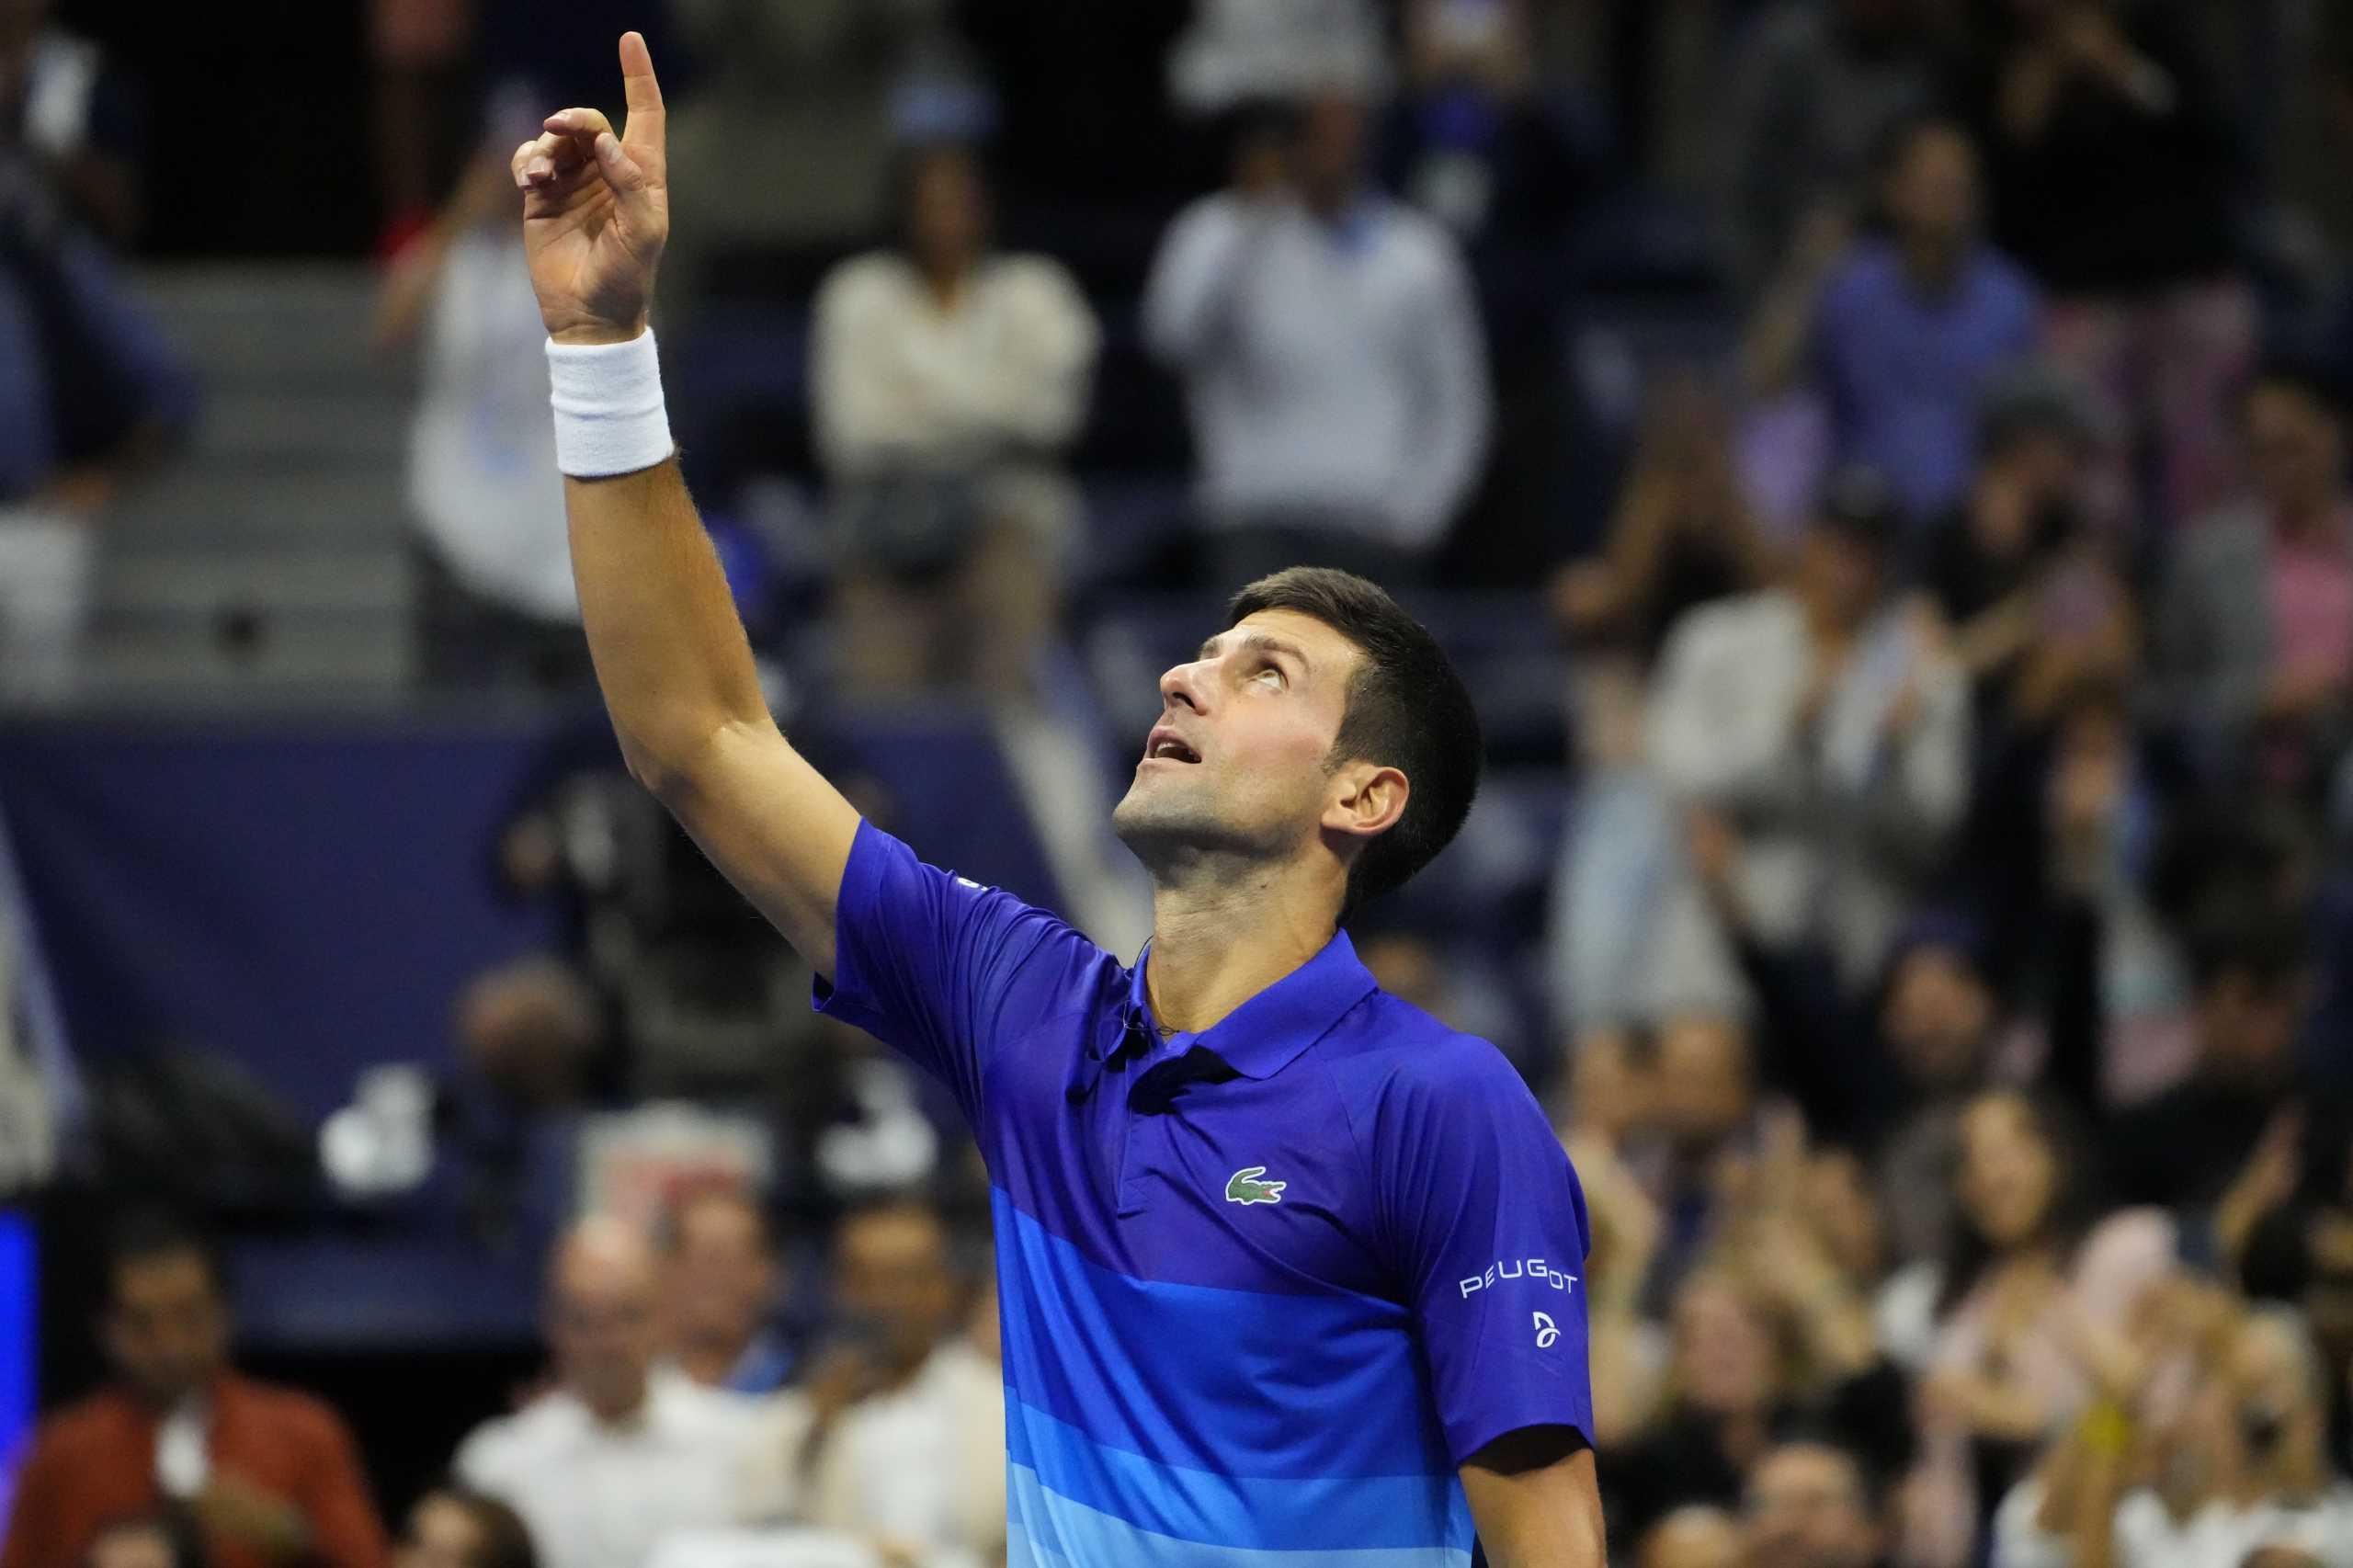 US Open: Στον τελικό ο Τζόκοβιτς και έτοιμος να γράψει ιστορία